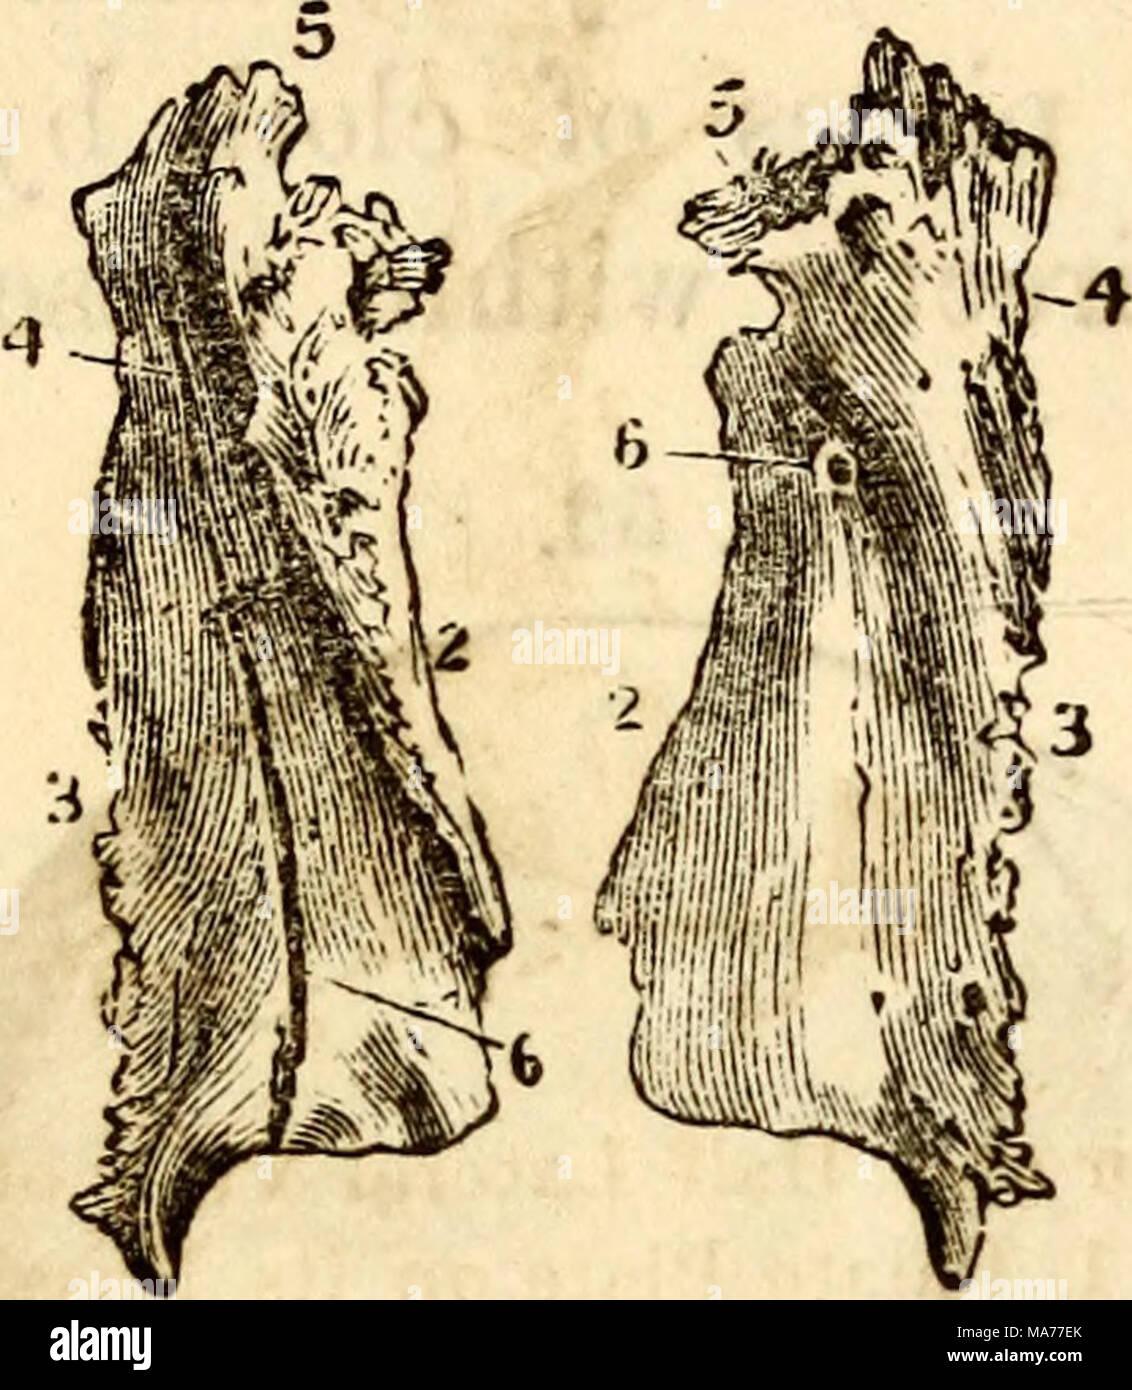 Magnífico Ranura En La Anatomía Patrón - Anatomía de Las Imágenesdel ...